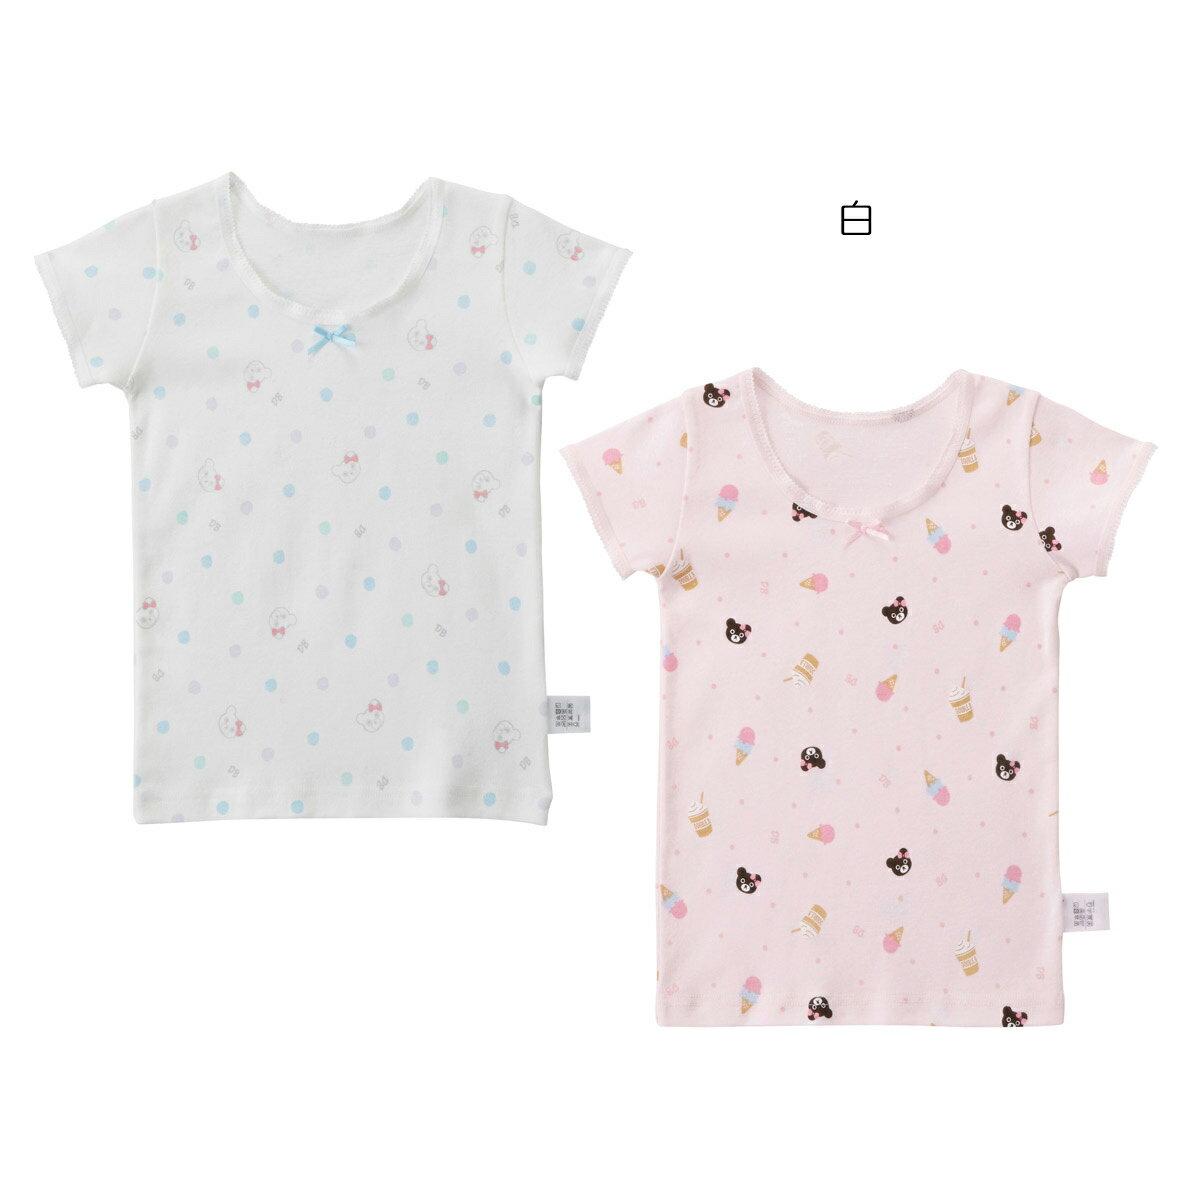 ミキハウス ダブルビー mikihouse ドット&アイス柄Tシャツセット(80cm-130cm)